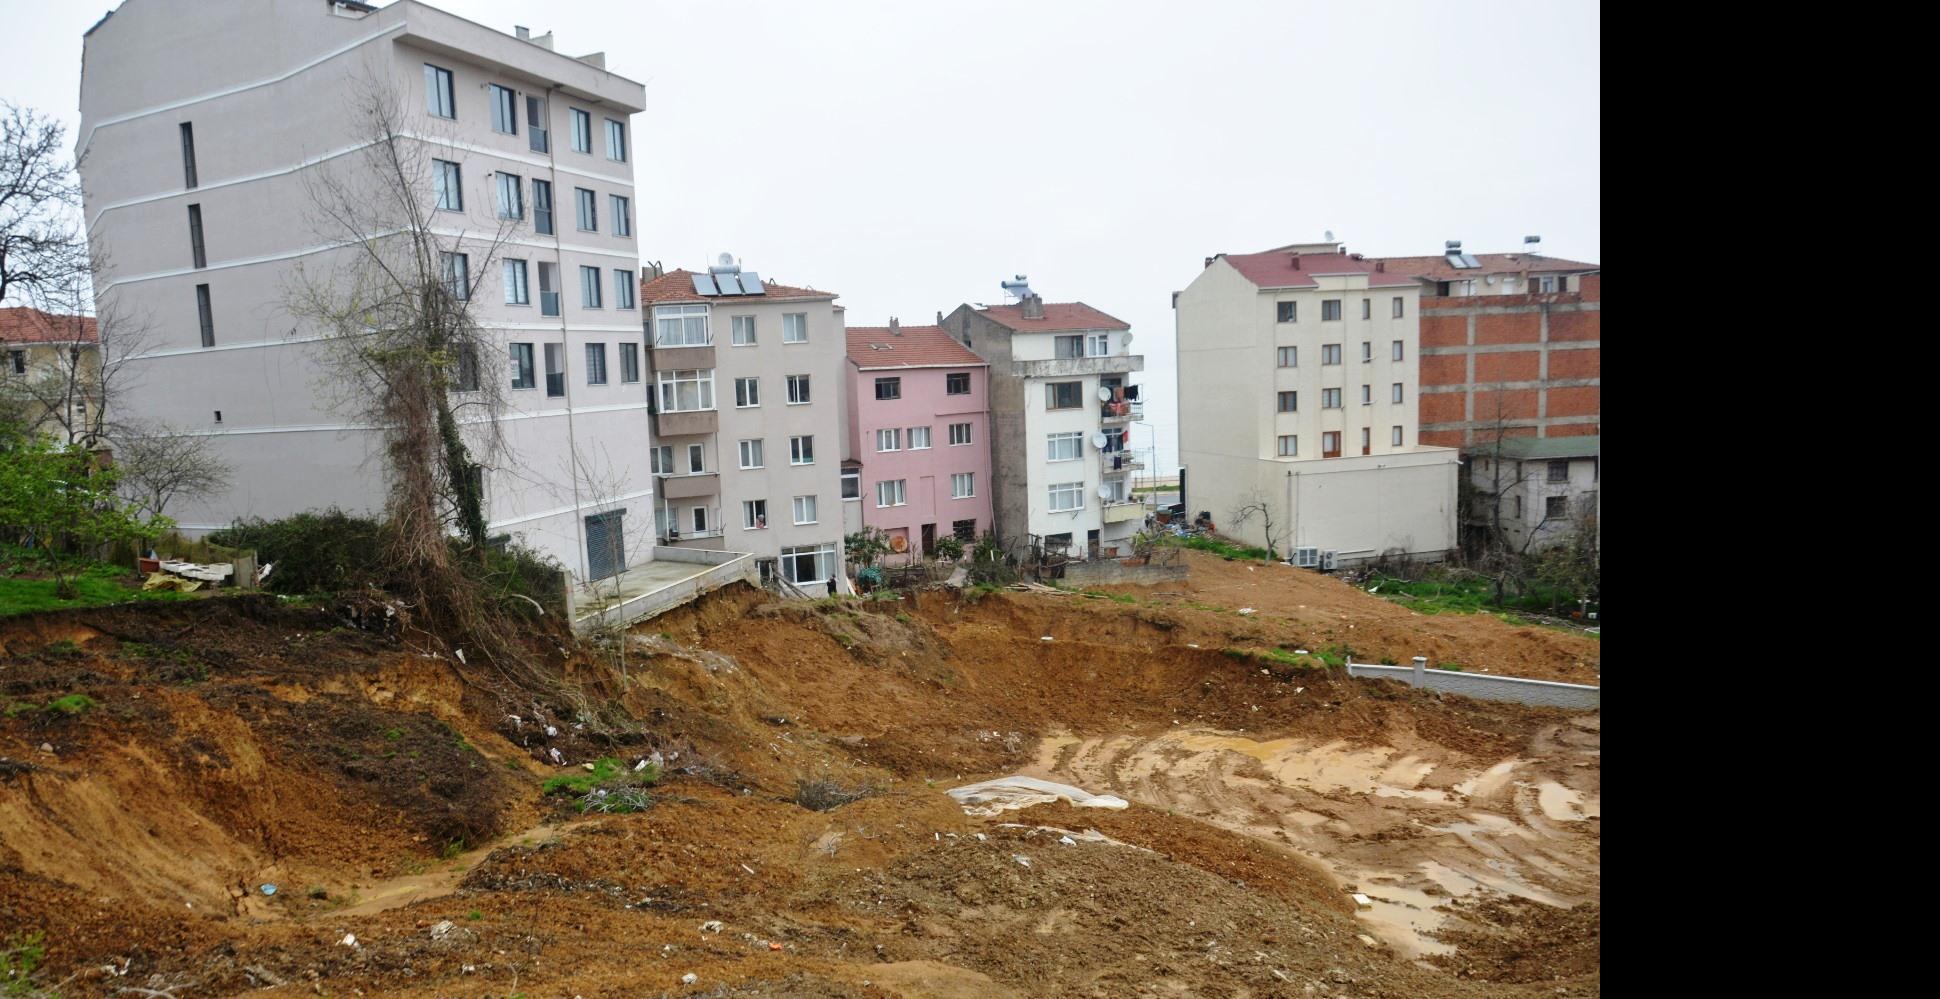 İstinat duvarı yapmayan inşaat firması yüzünden bina sakinlerinin uykuları kaçıyor